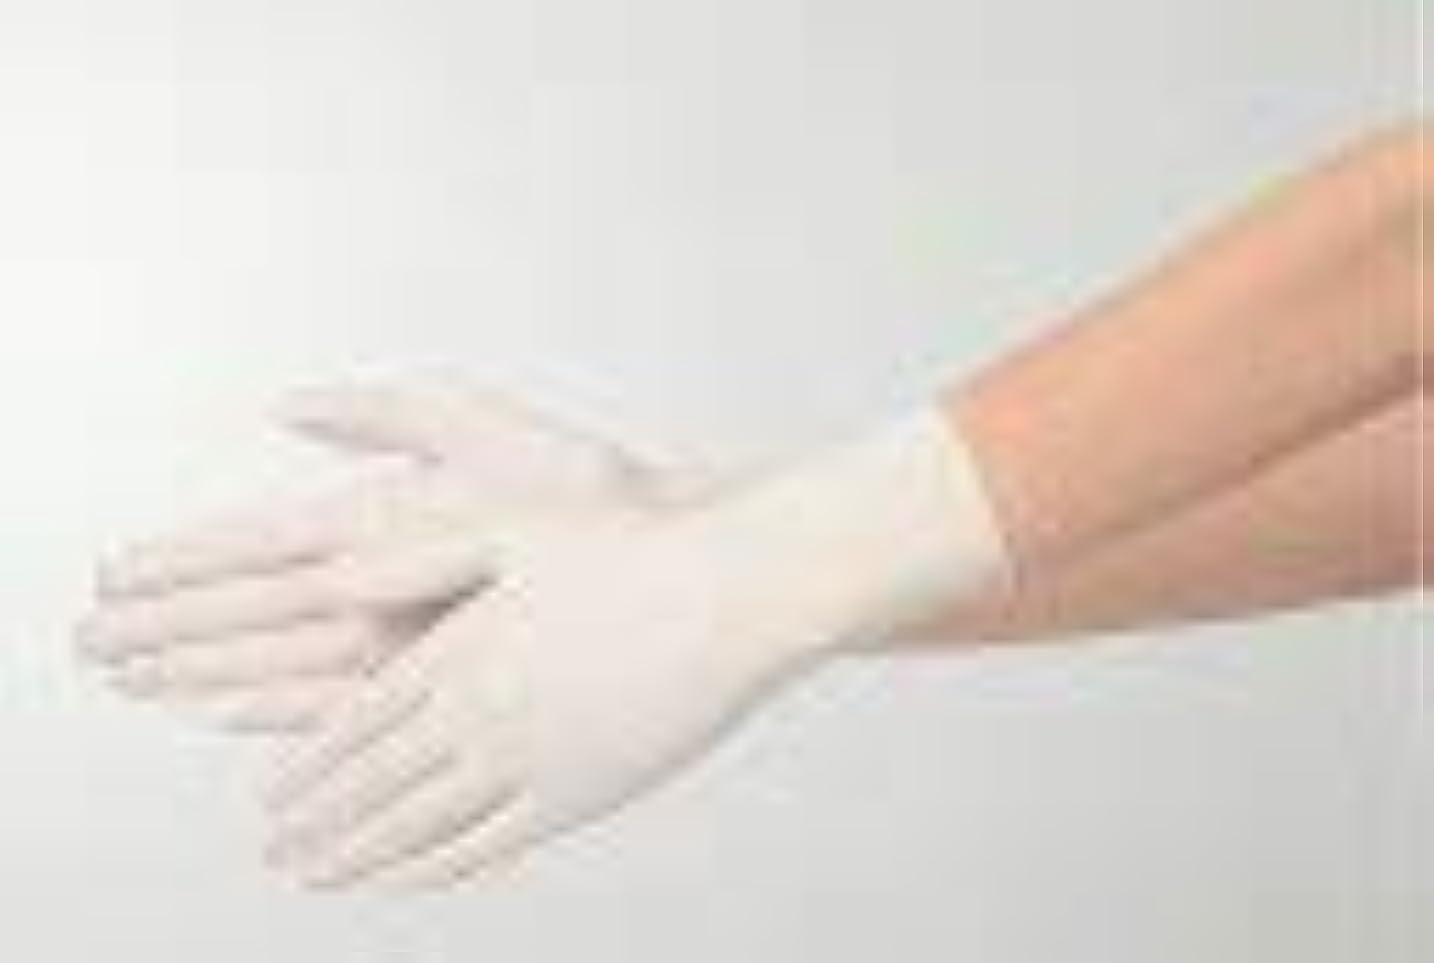 エブノラテックス手袋No.450 ディスポラテックス 粉付 (M) 白 100枚入 20箱